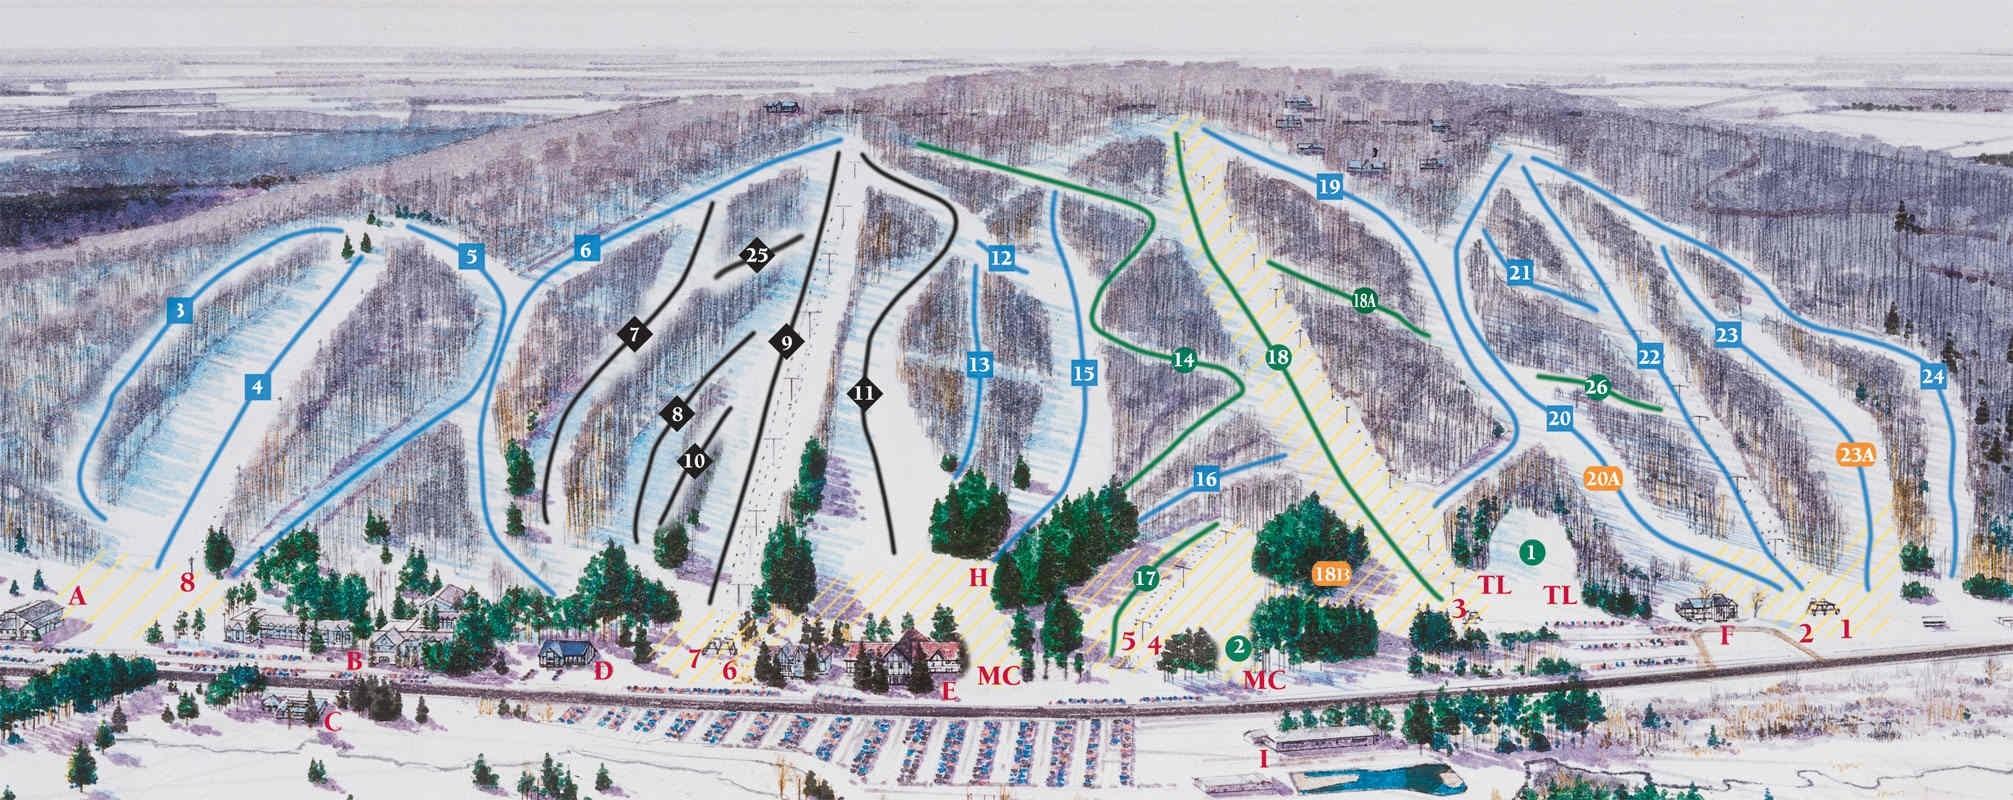 peek-n-peak-ski-trail-map